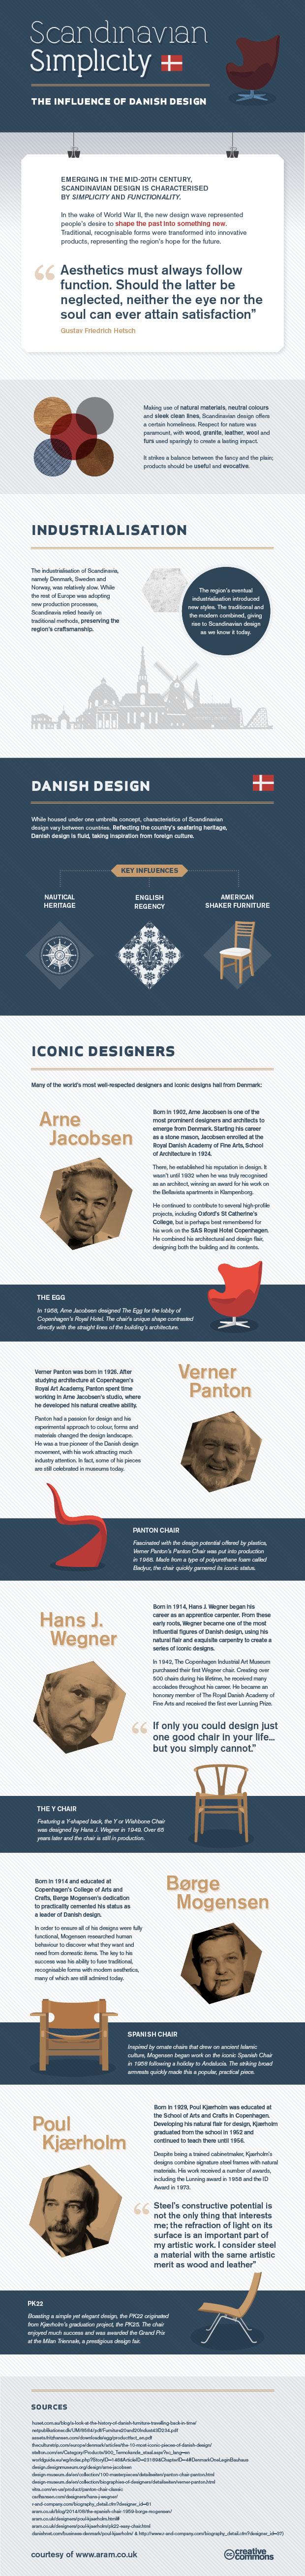 Aram_Danish Design (graphic)